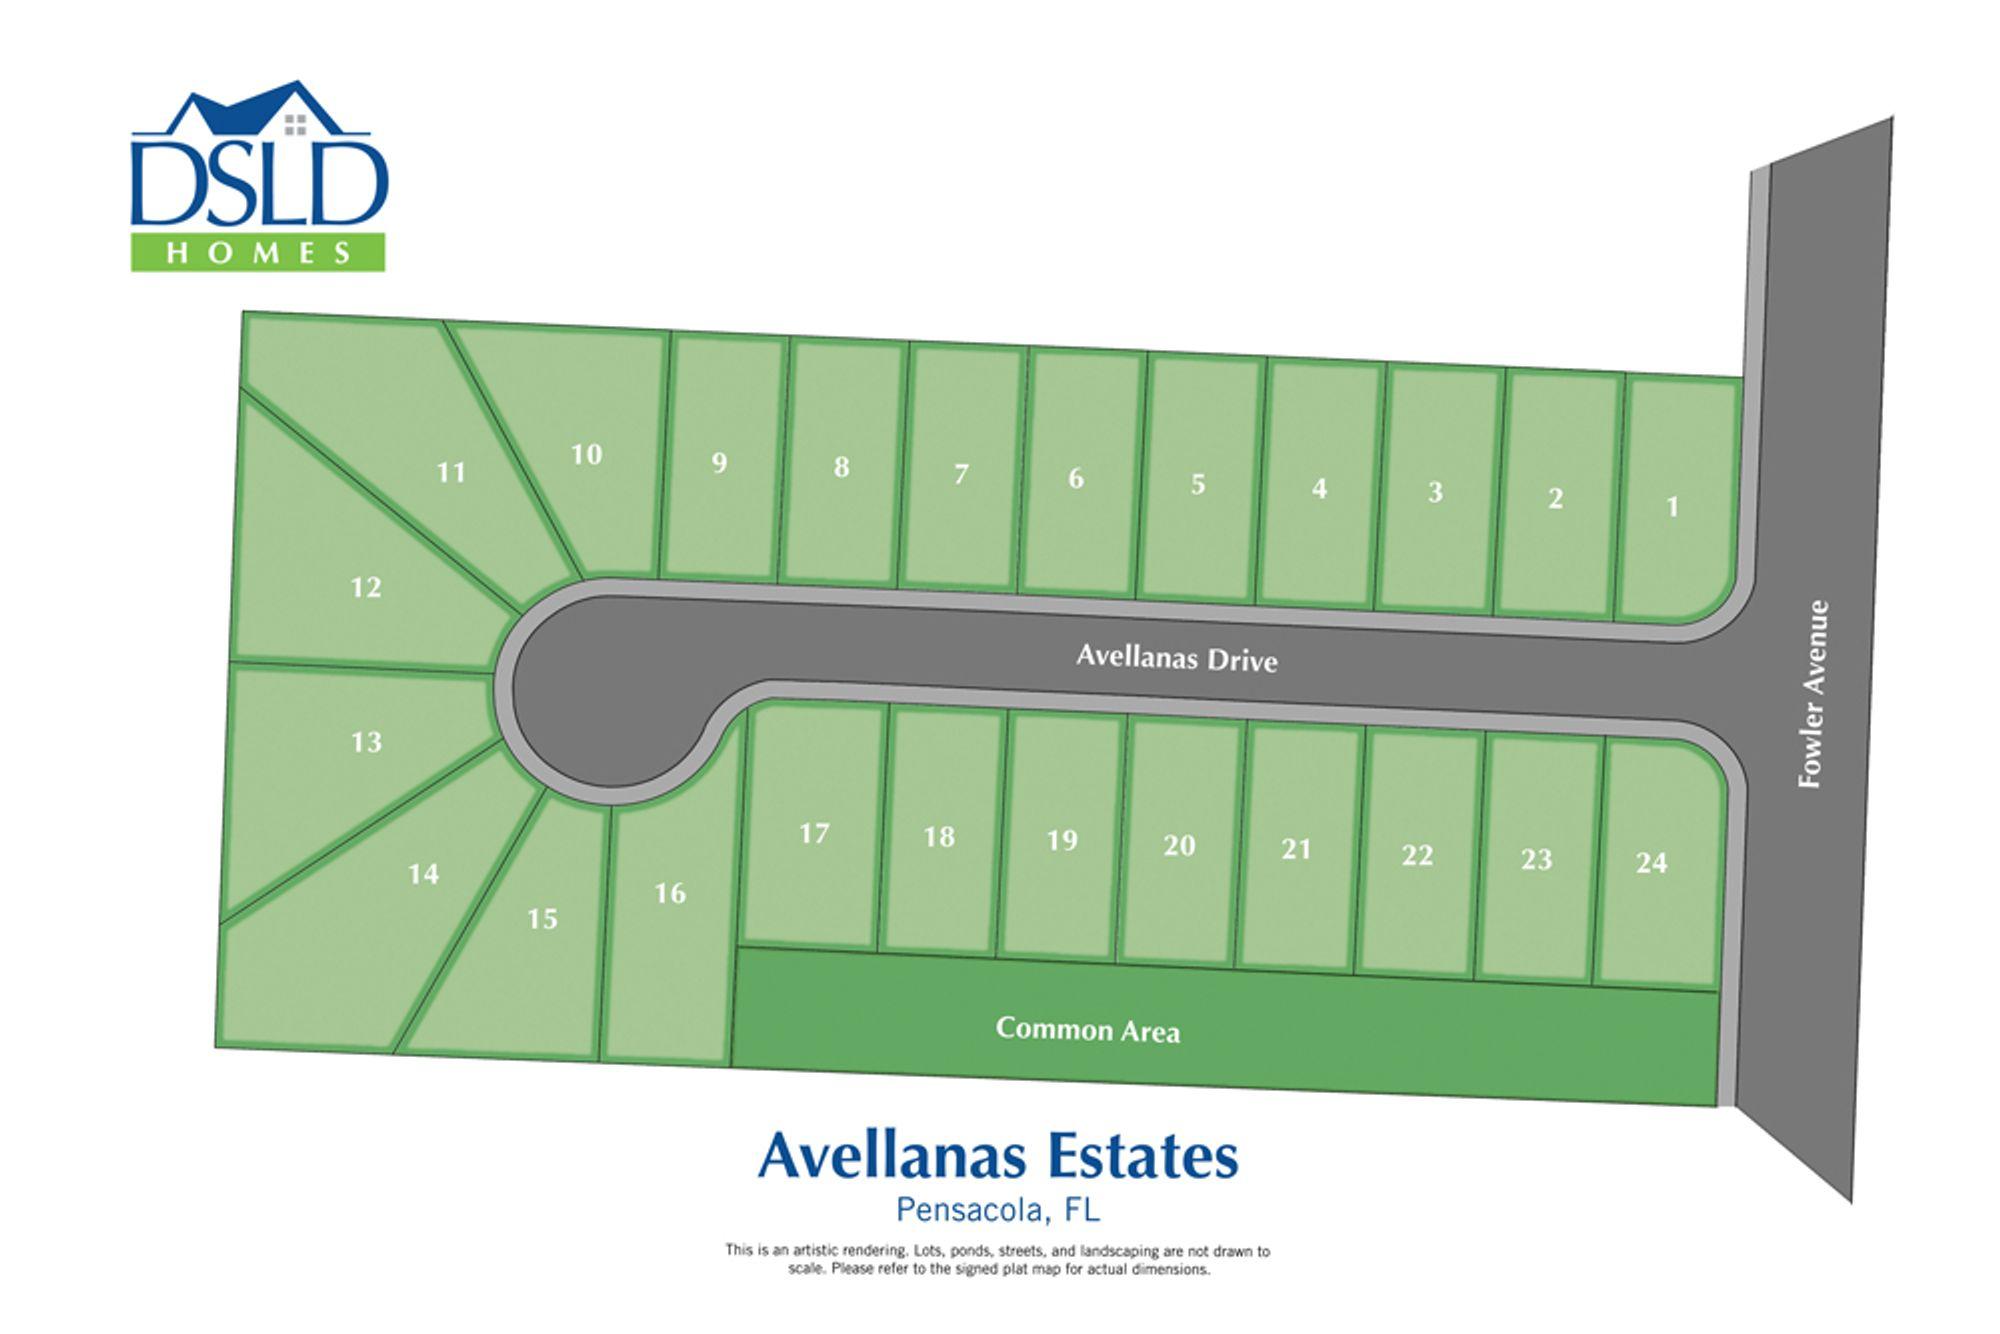 Avellanas Estates